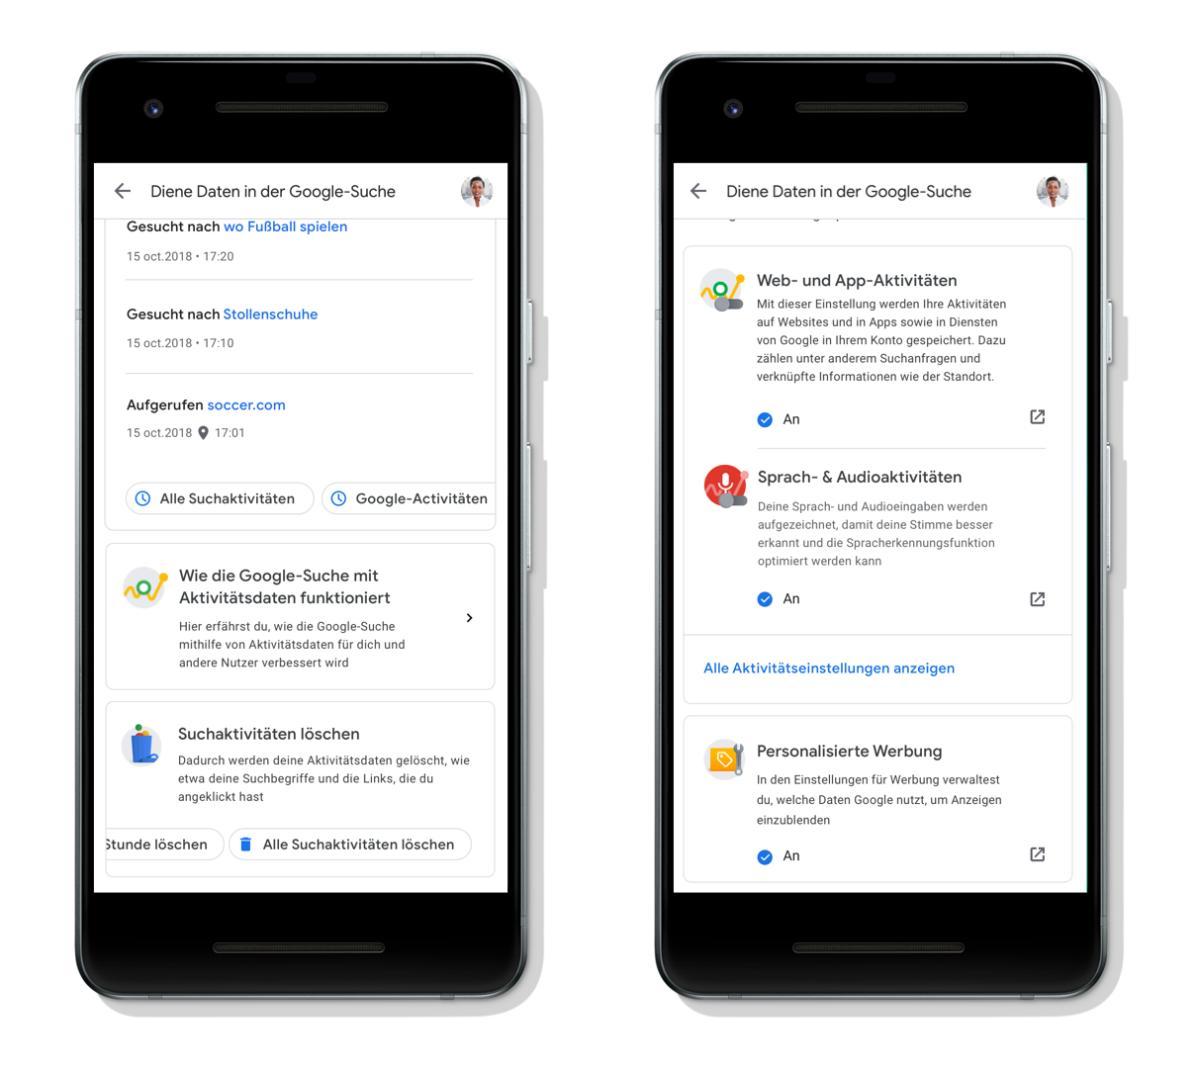 Google Suche Aktivitäten